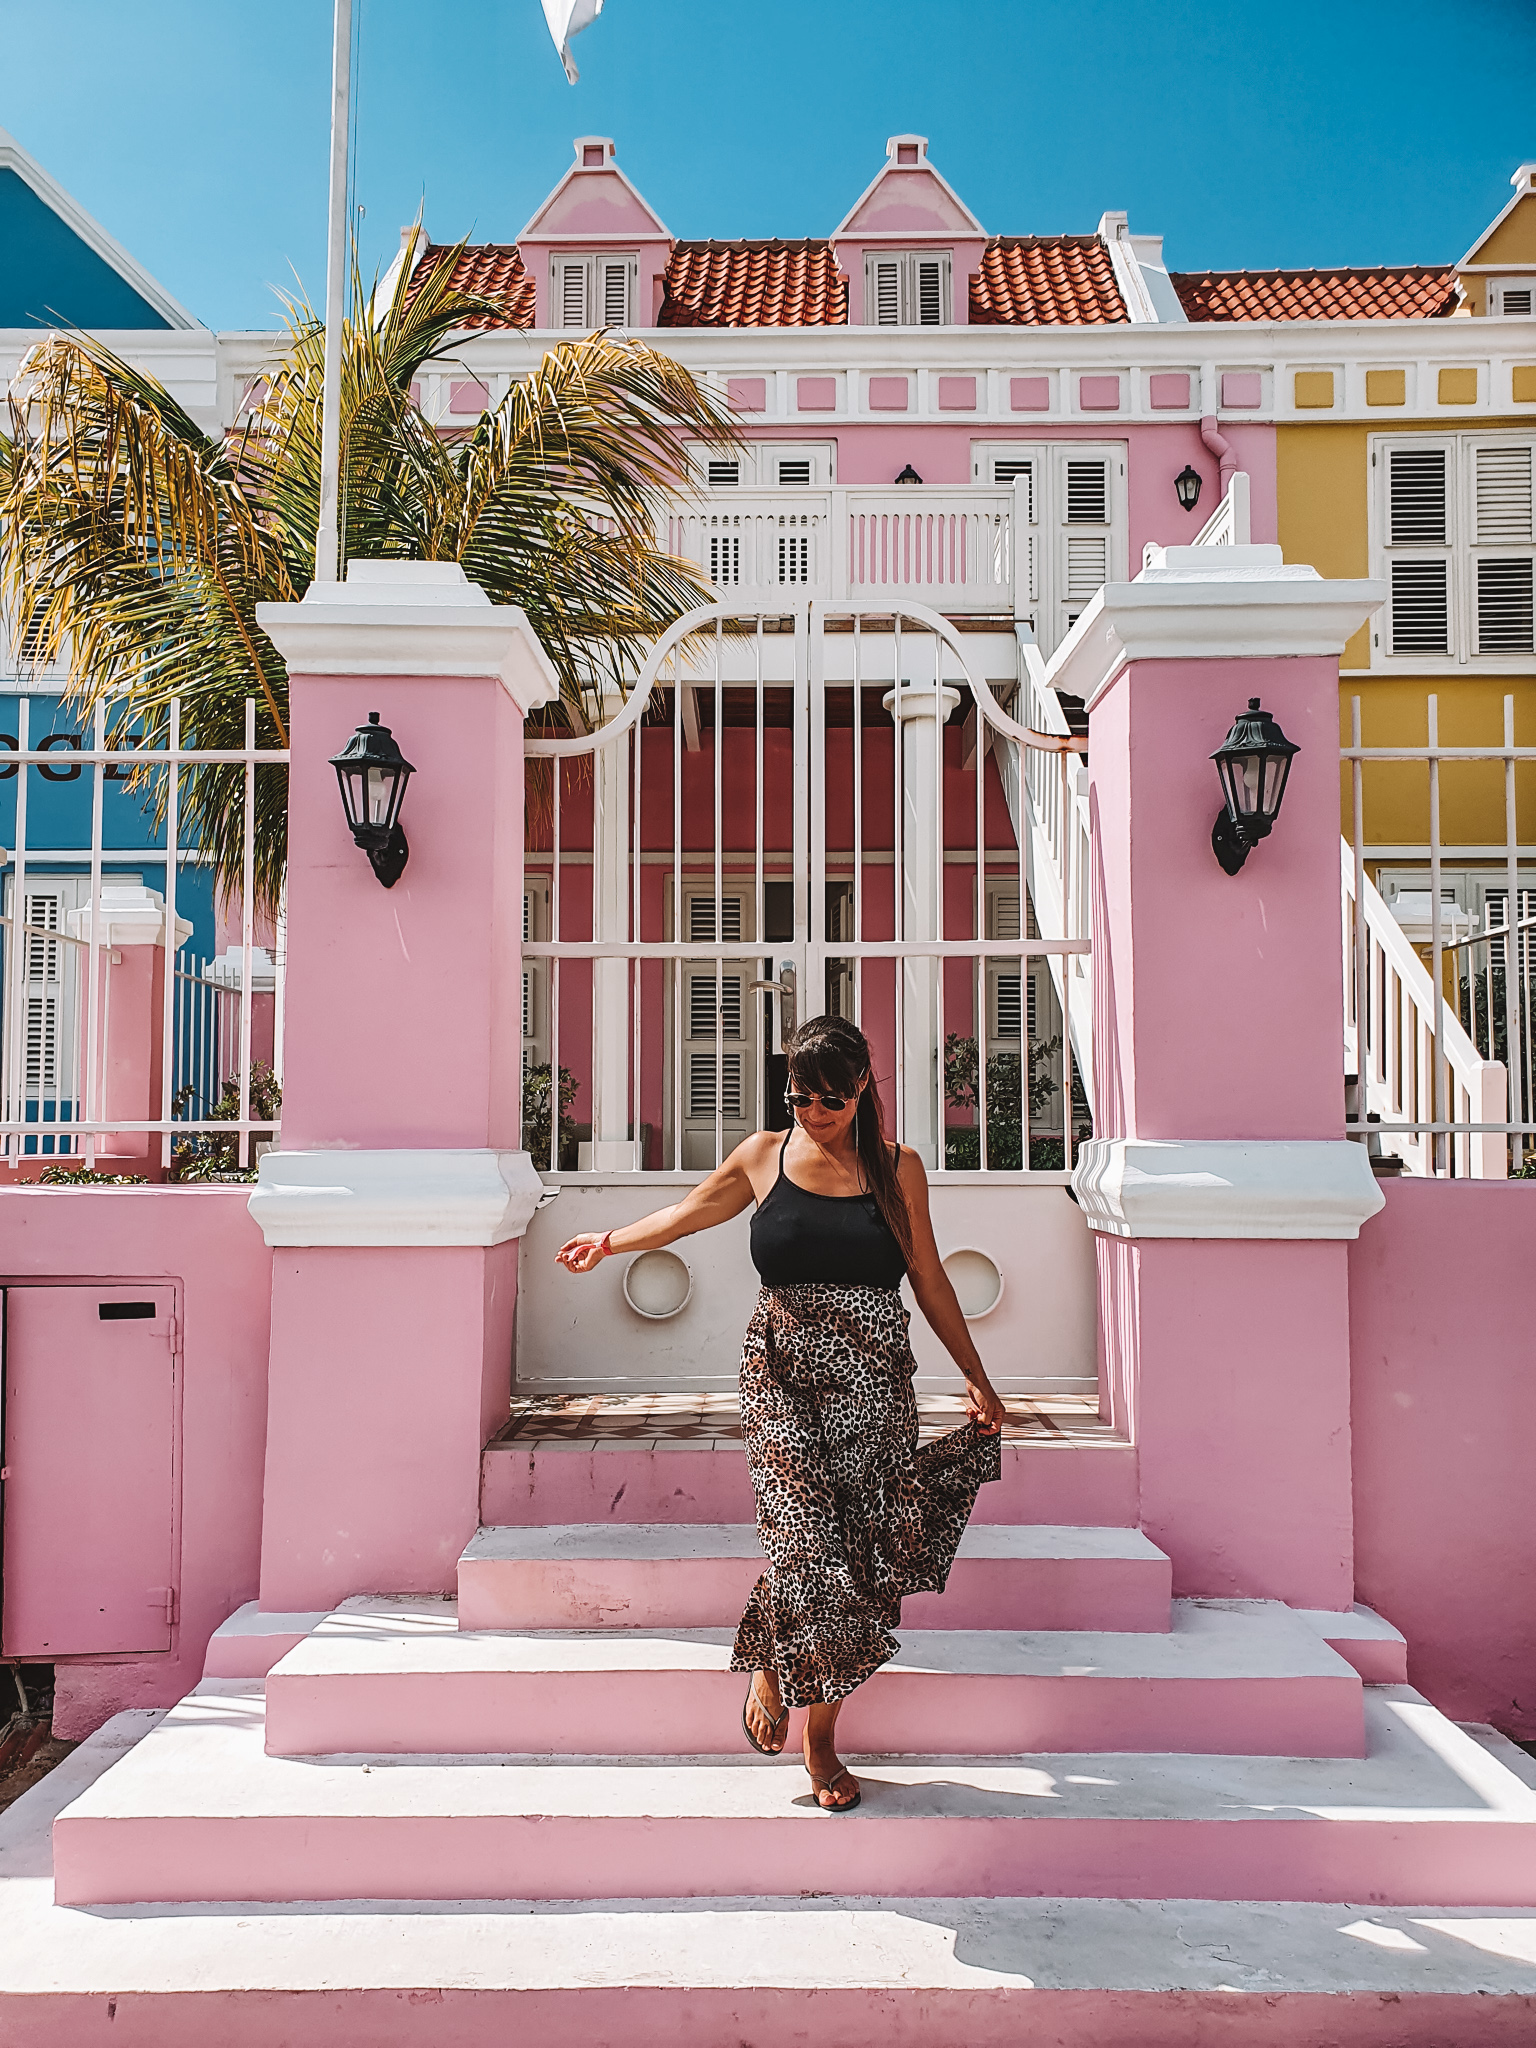 Wander-Lust at pink house, Pietermaai